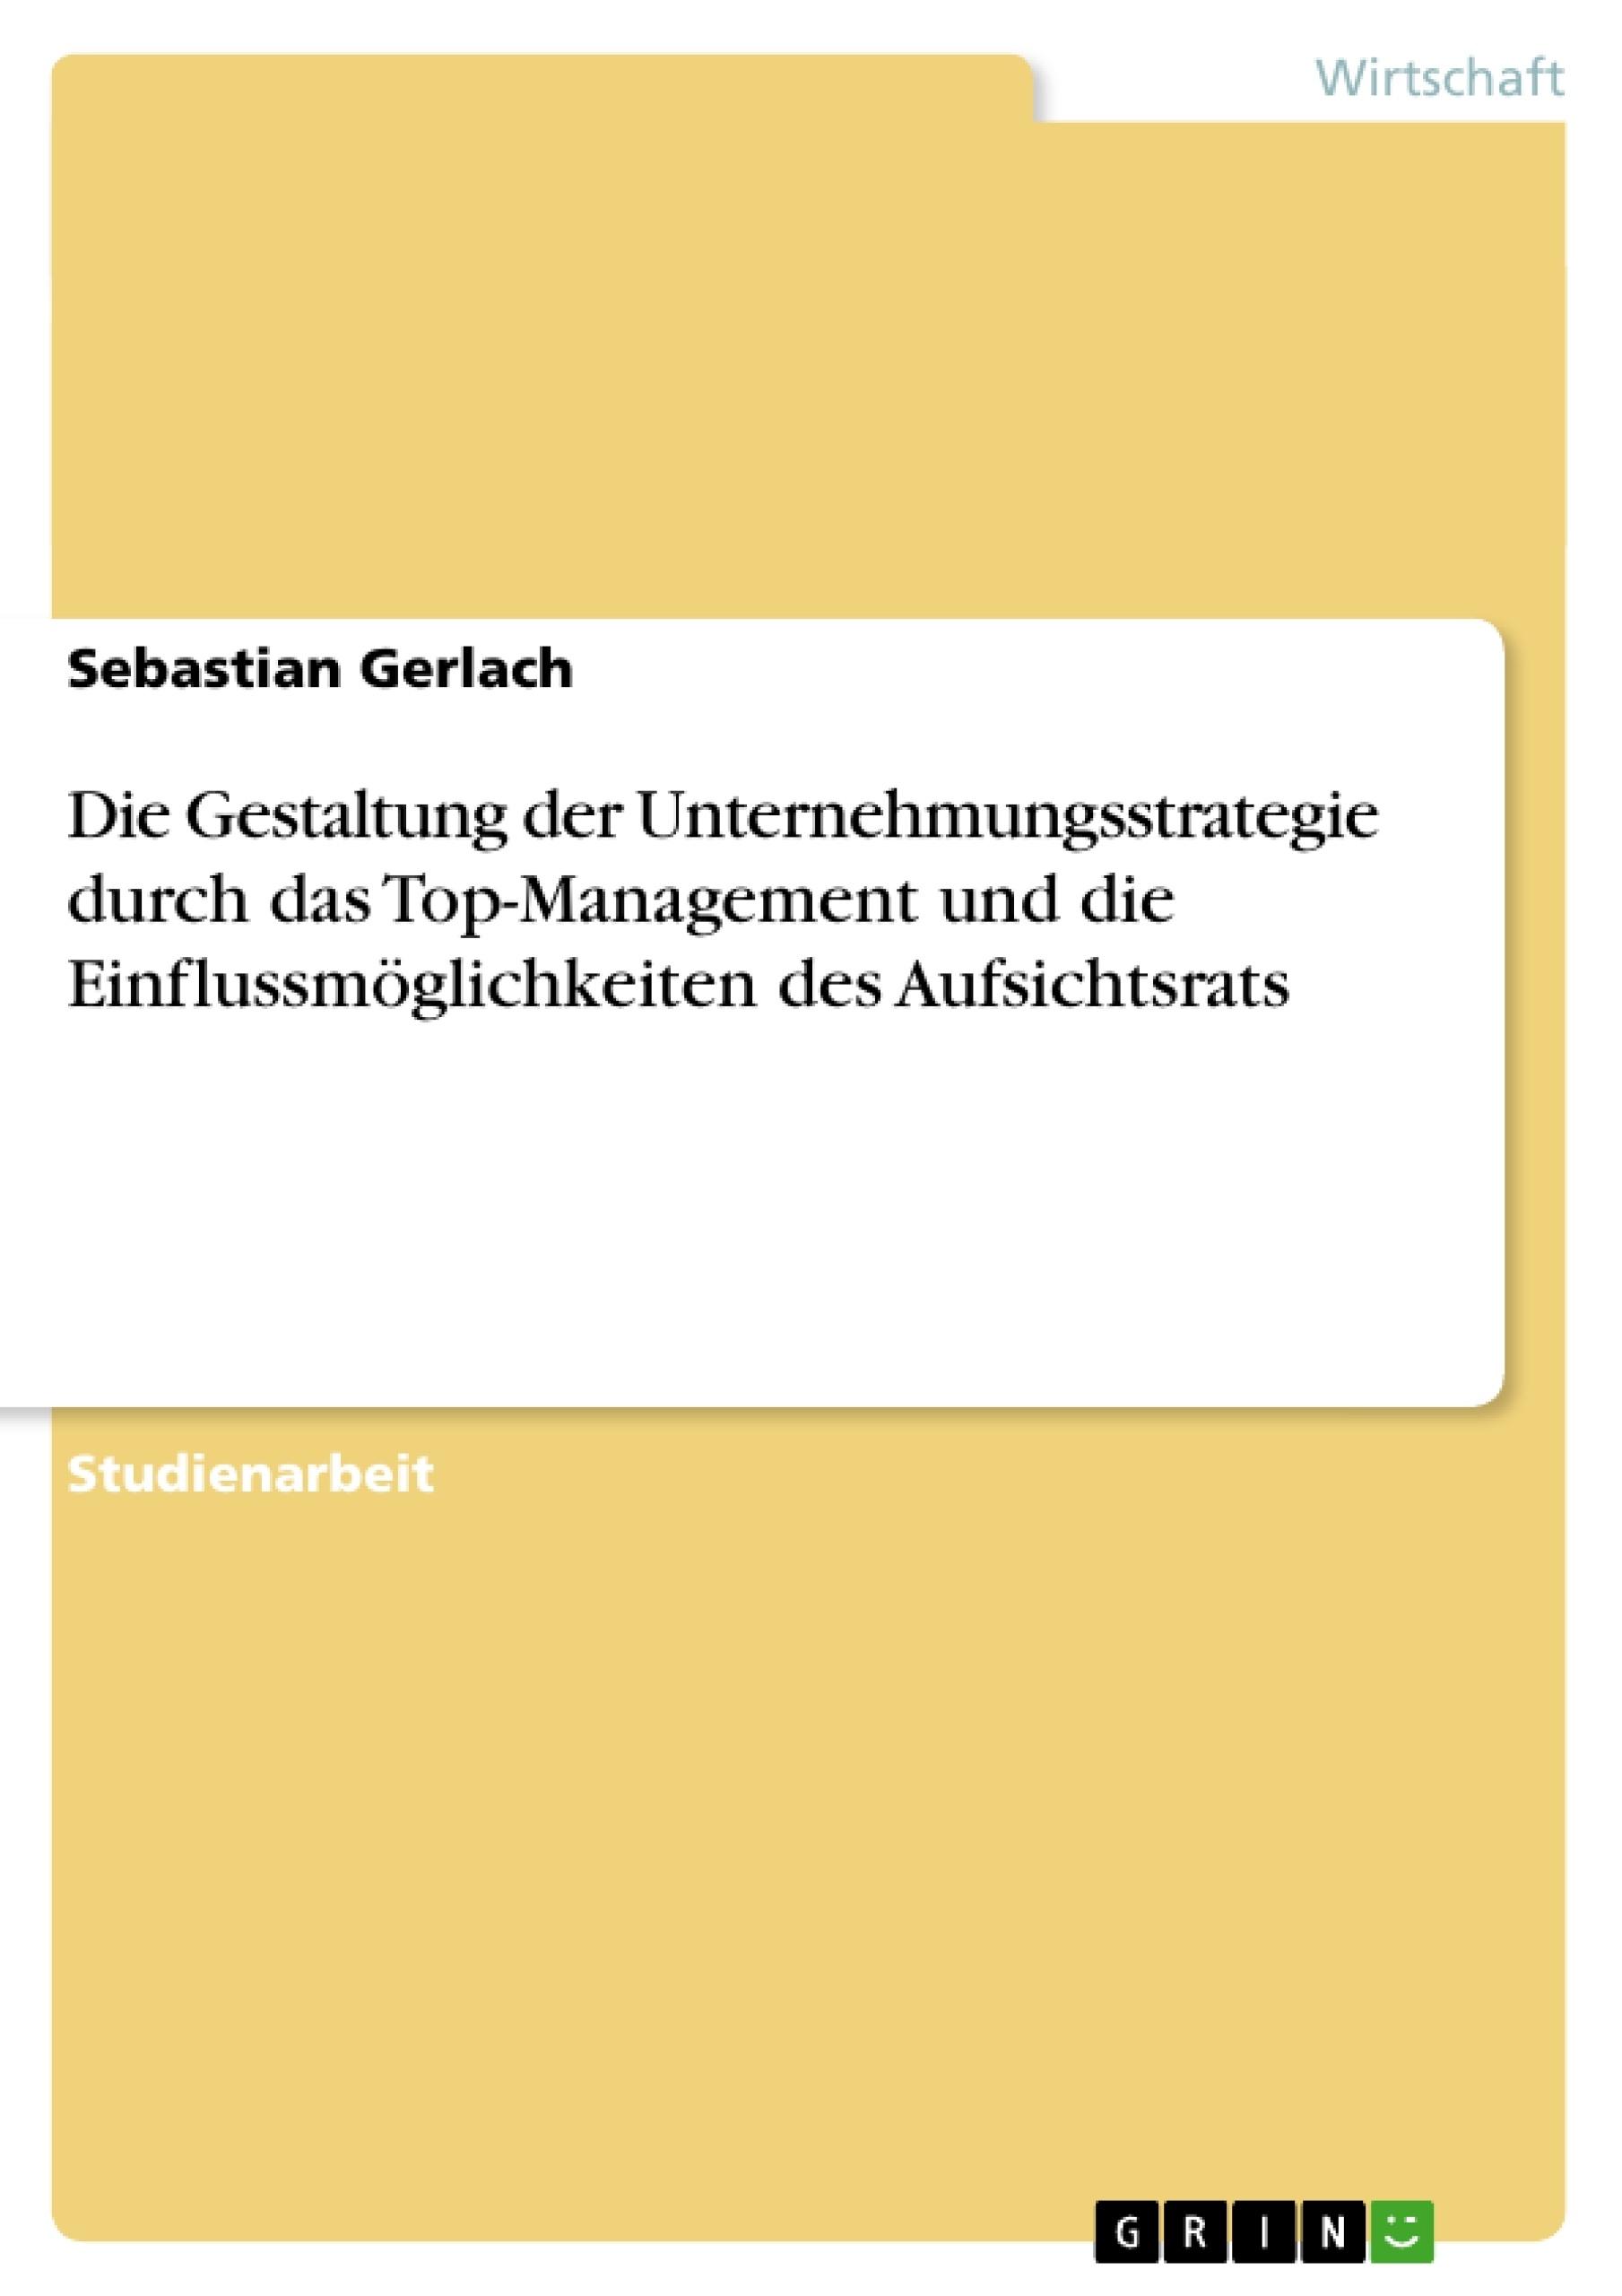 Titel: Die Gestaltung der Unternehmungsstrategie durch das Top-Management und die Einflussmöglichkeiten des Aufsichtsrats